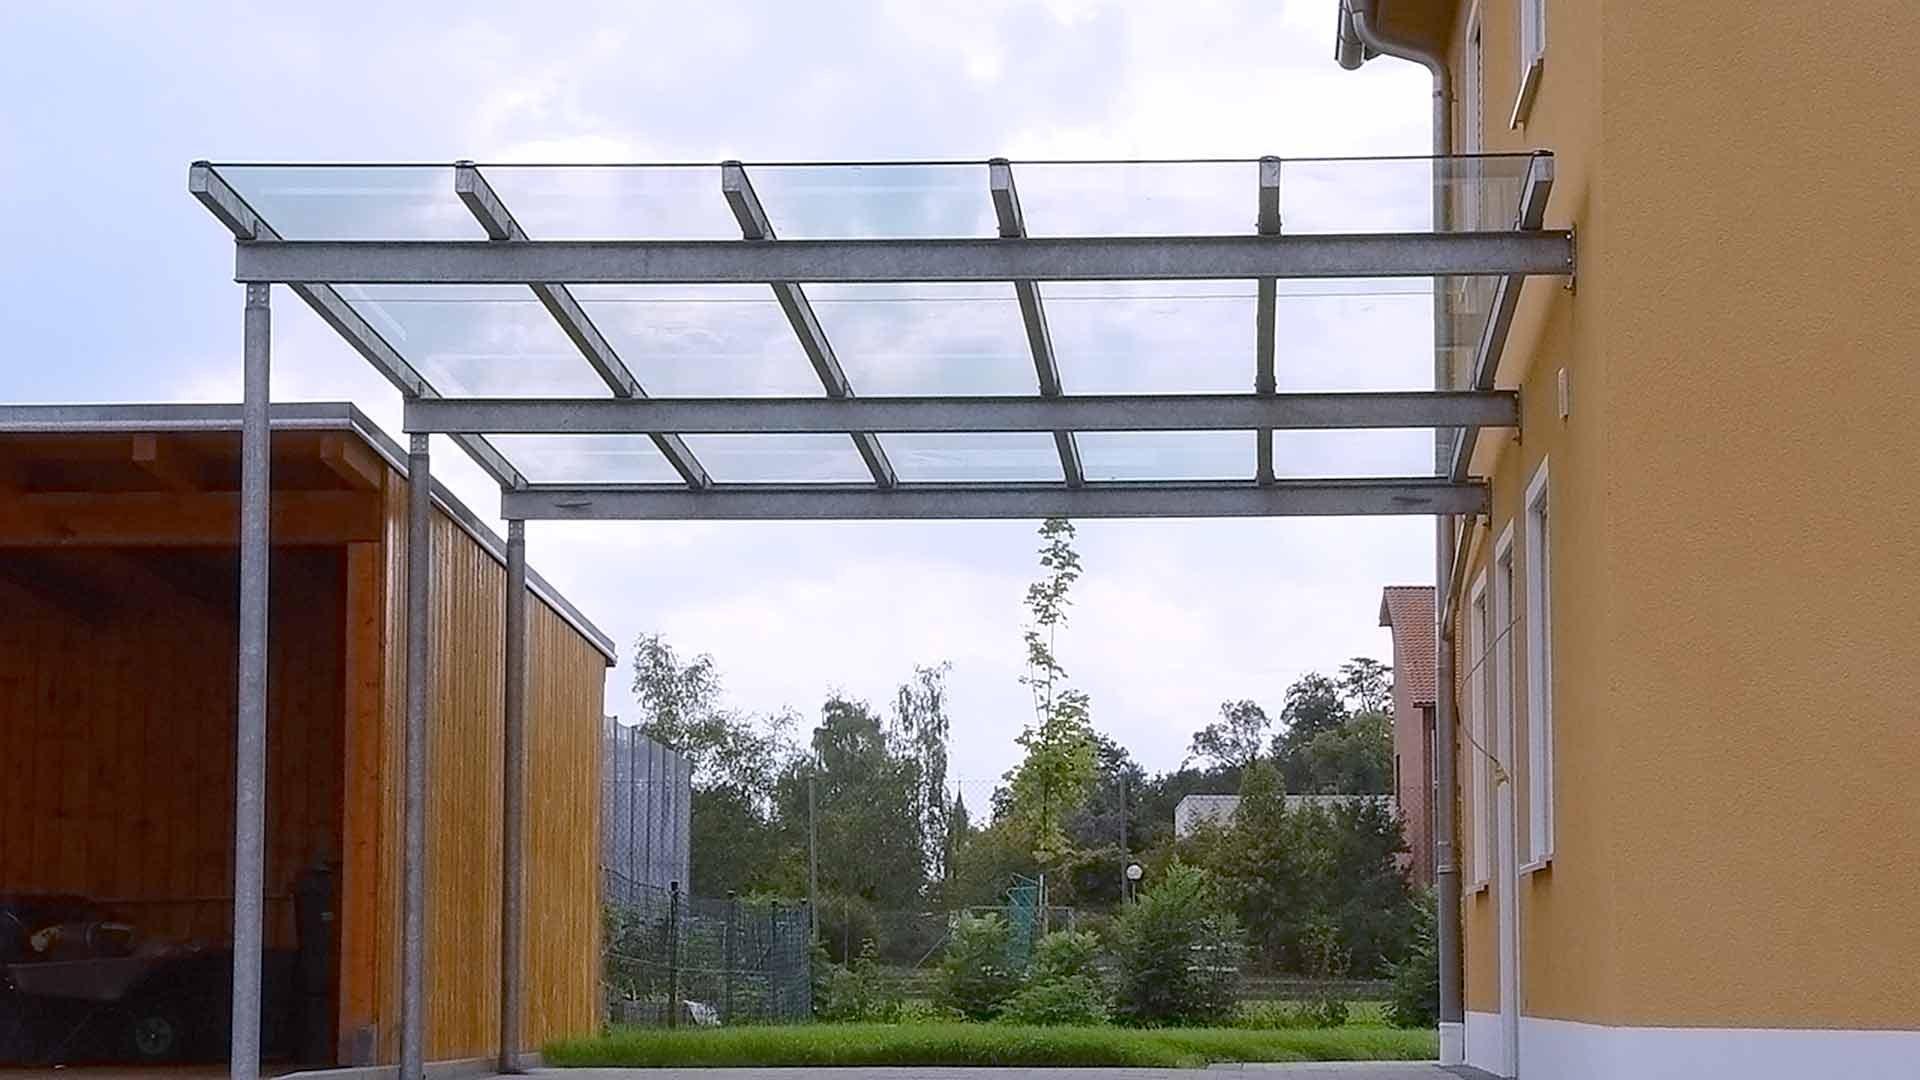 dachverglasungen-sicherheitsglas-glasvoit